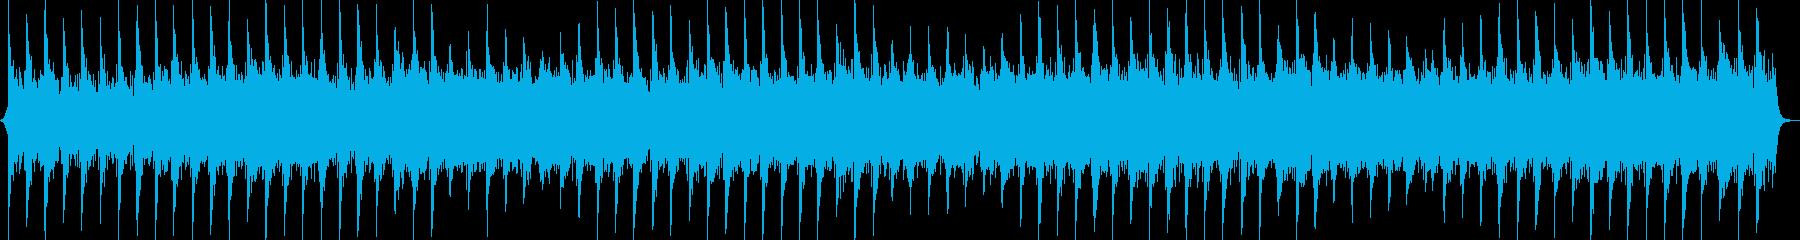 オーケストラ・壮大・勇壮・企業VPの再生済みの波形